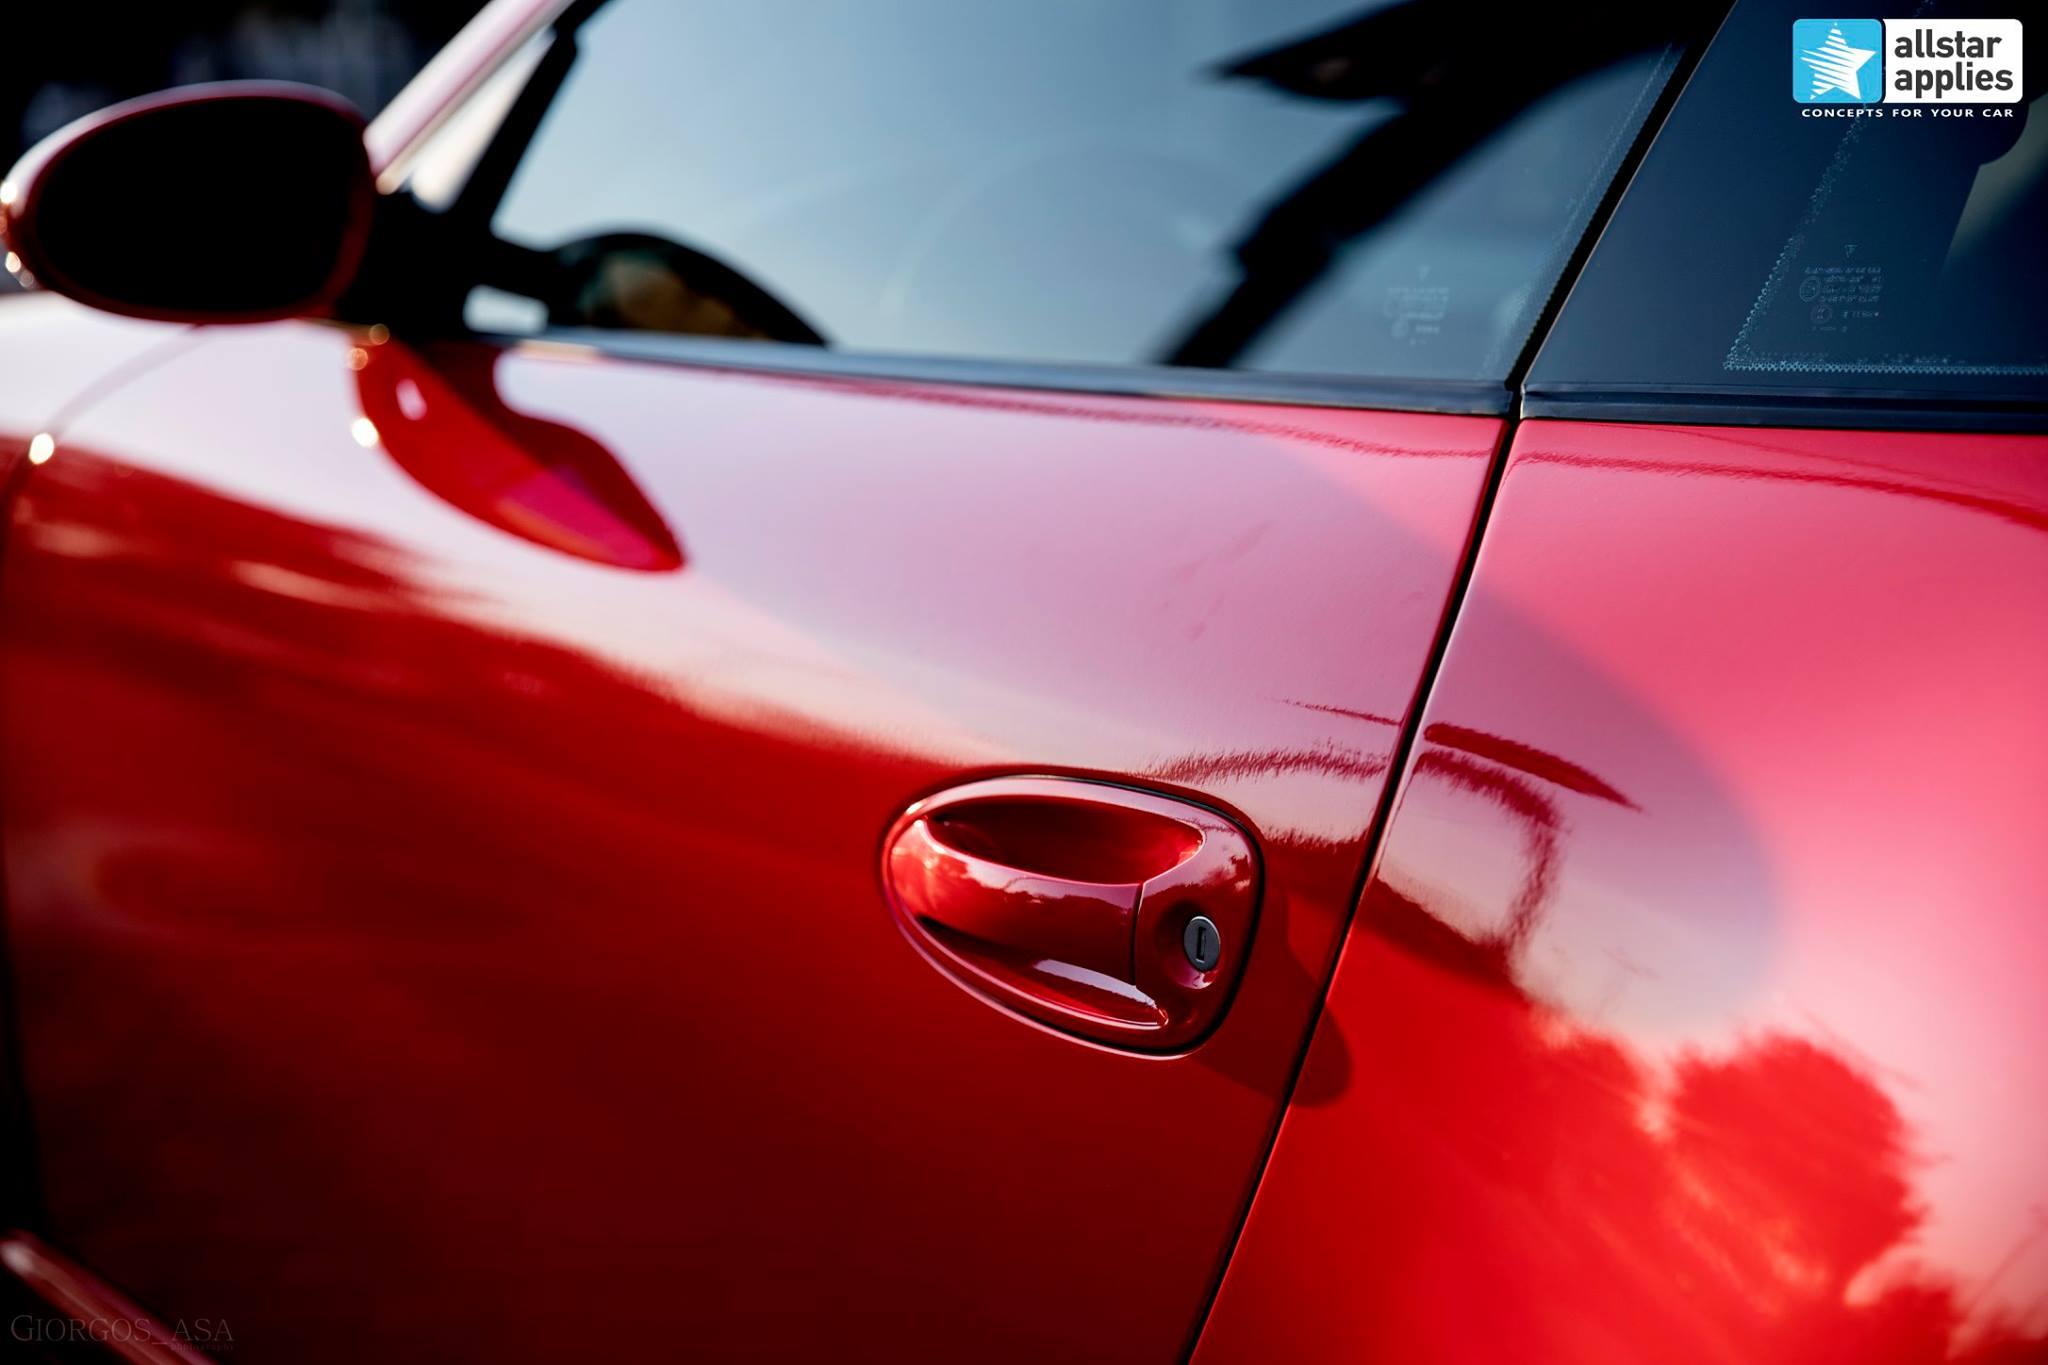 Porsche Carrera 4S - Redhot Gloss (15)